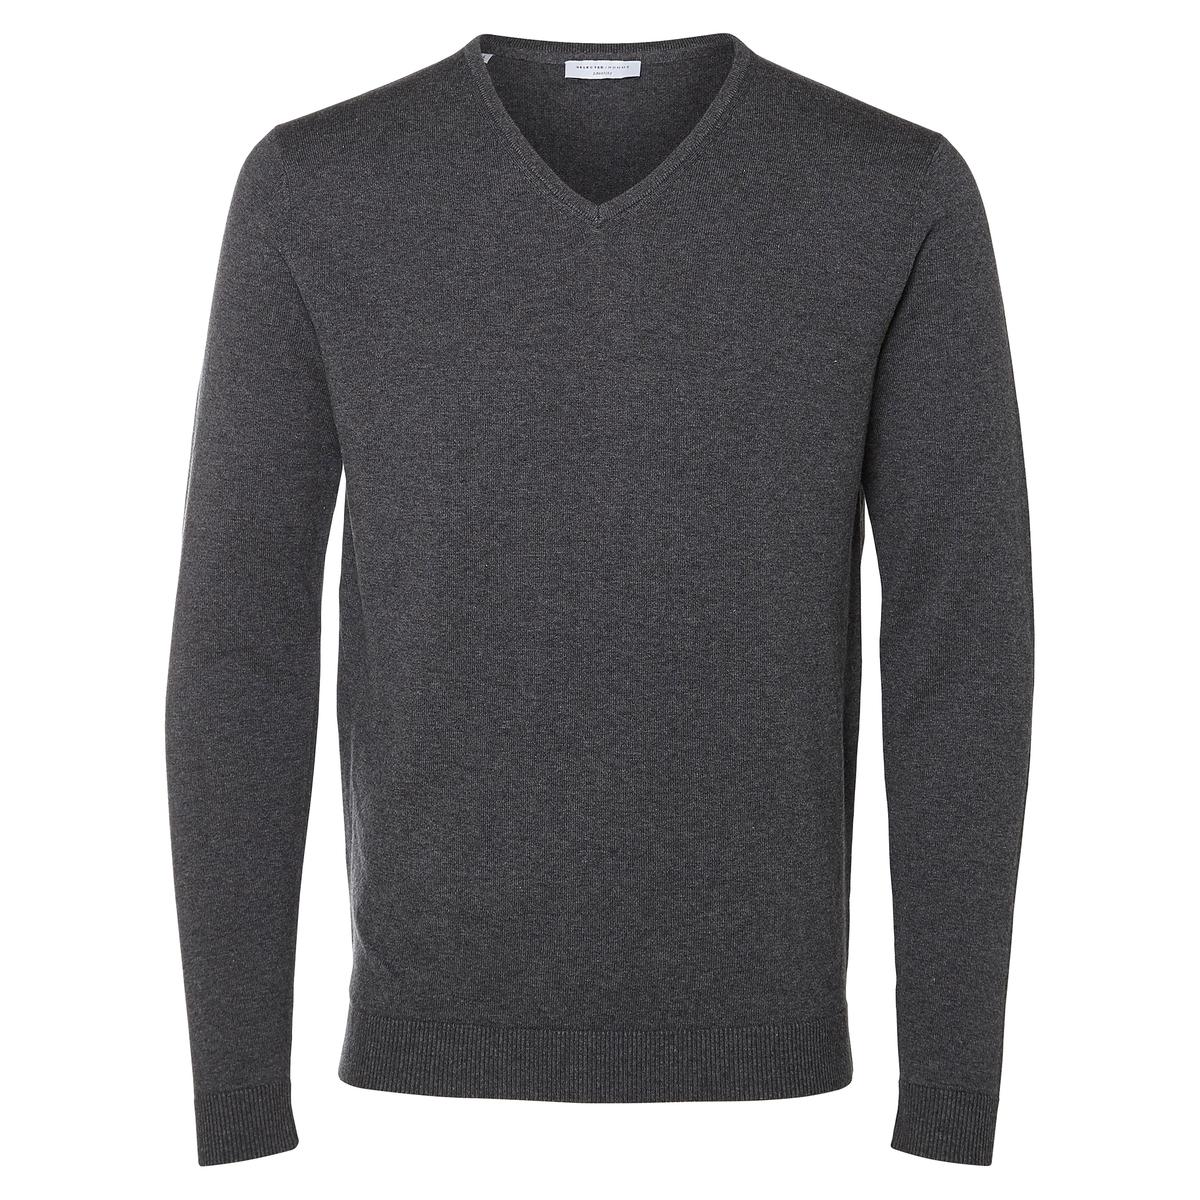 Пуловер из тонкого трикотажаДетали  •  Длинные рукава  •   V-образный вырез •  Тонкий трикотаж Состав и уход  •  5% шелка, 95% хлопка •  Следуйте советам по уходу, указанным на этикетке<br><br>Цвет: серый,синий морской